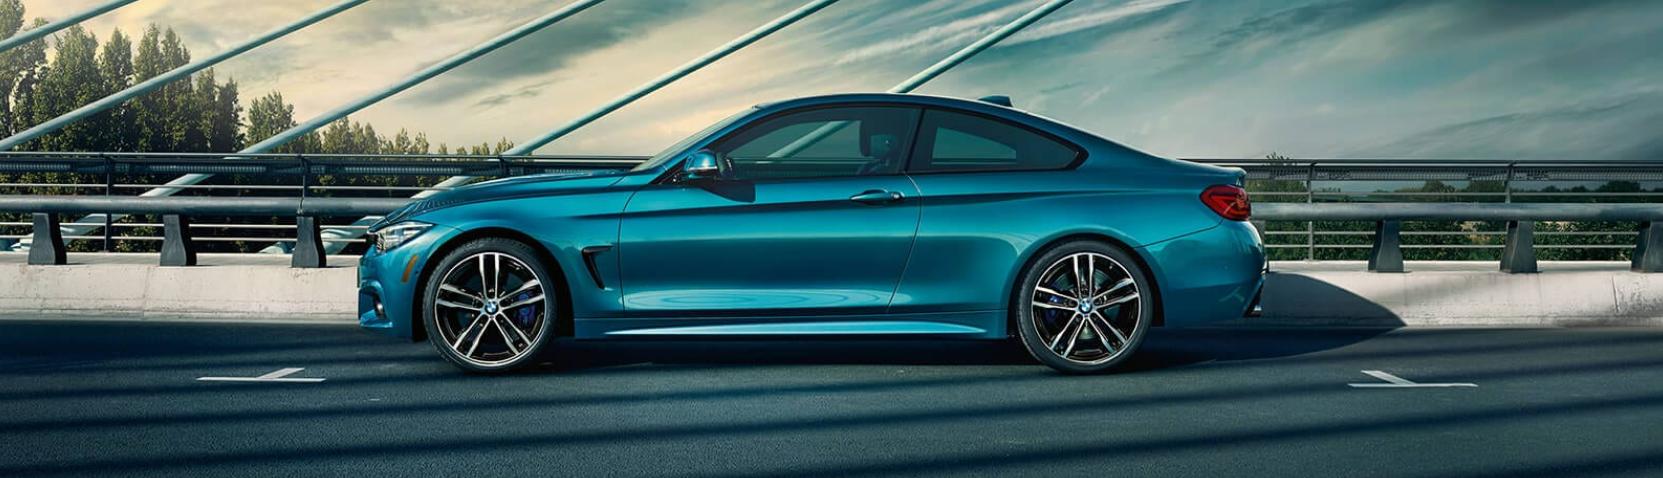 New BMW 4 Series Model Information | BMW of Minnetonka